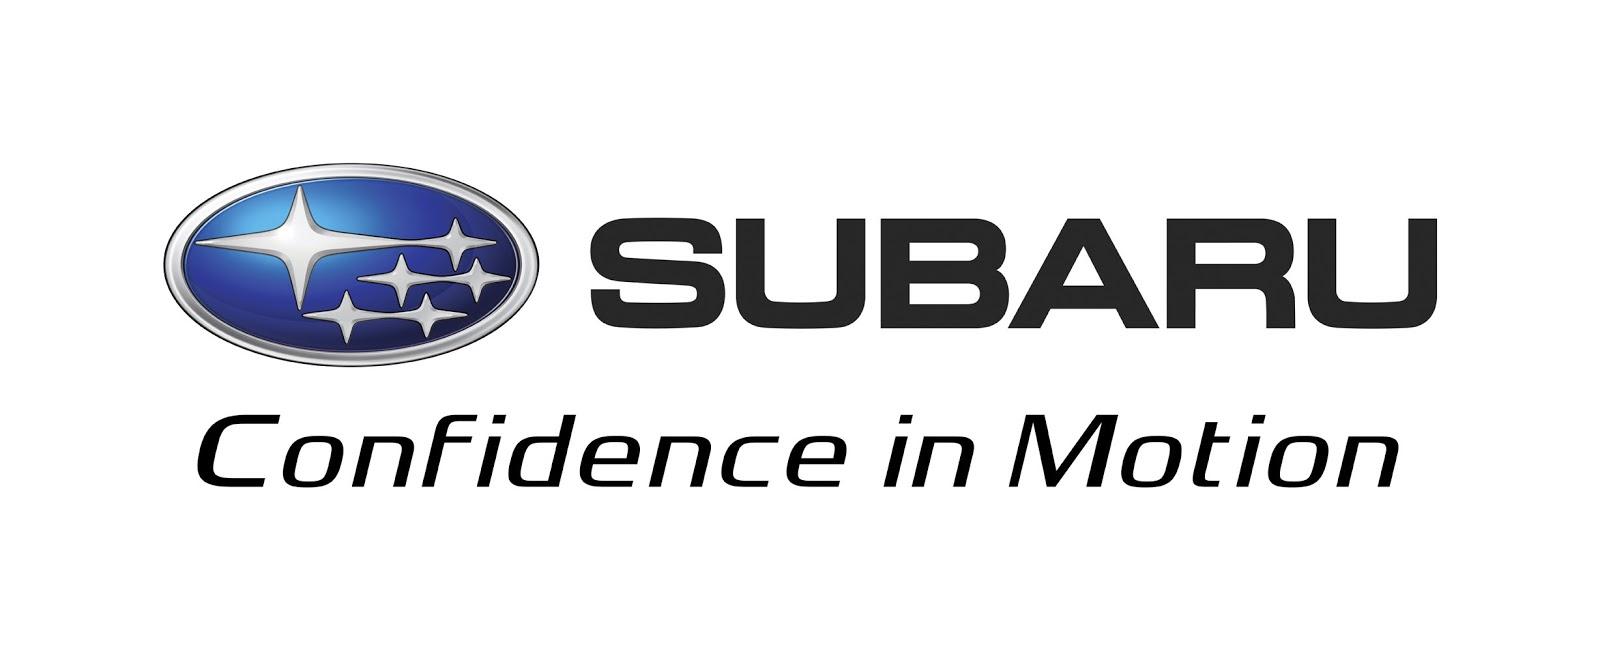 Subaru logo cars logos for Ford motor company history background